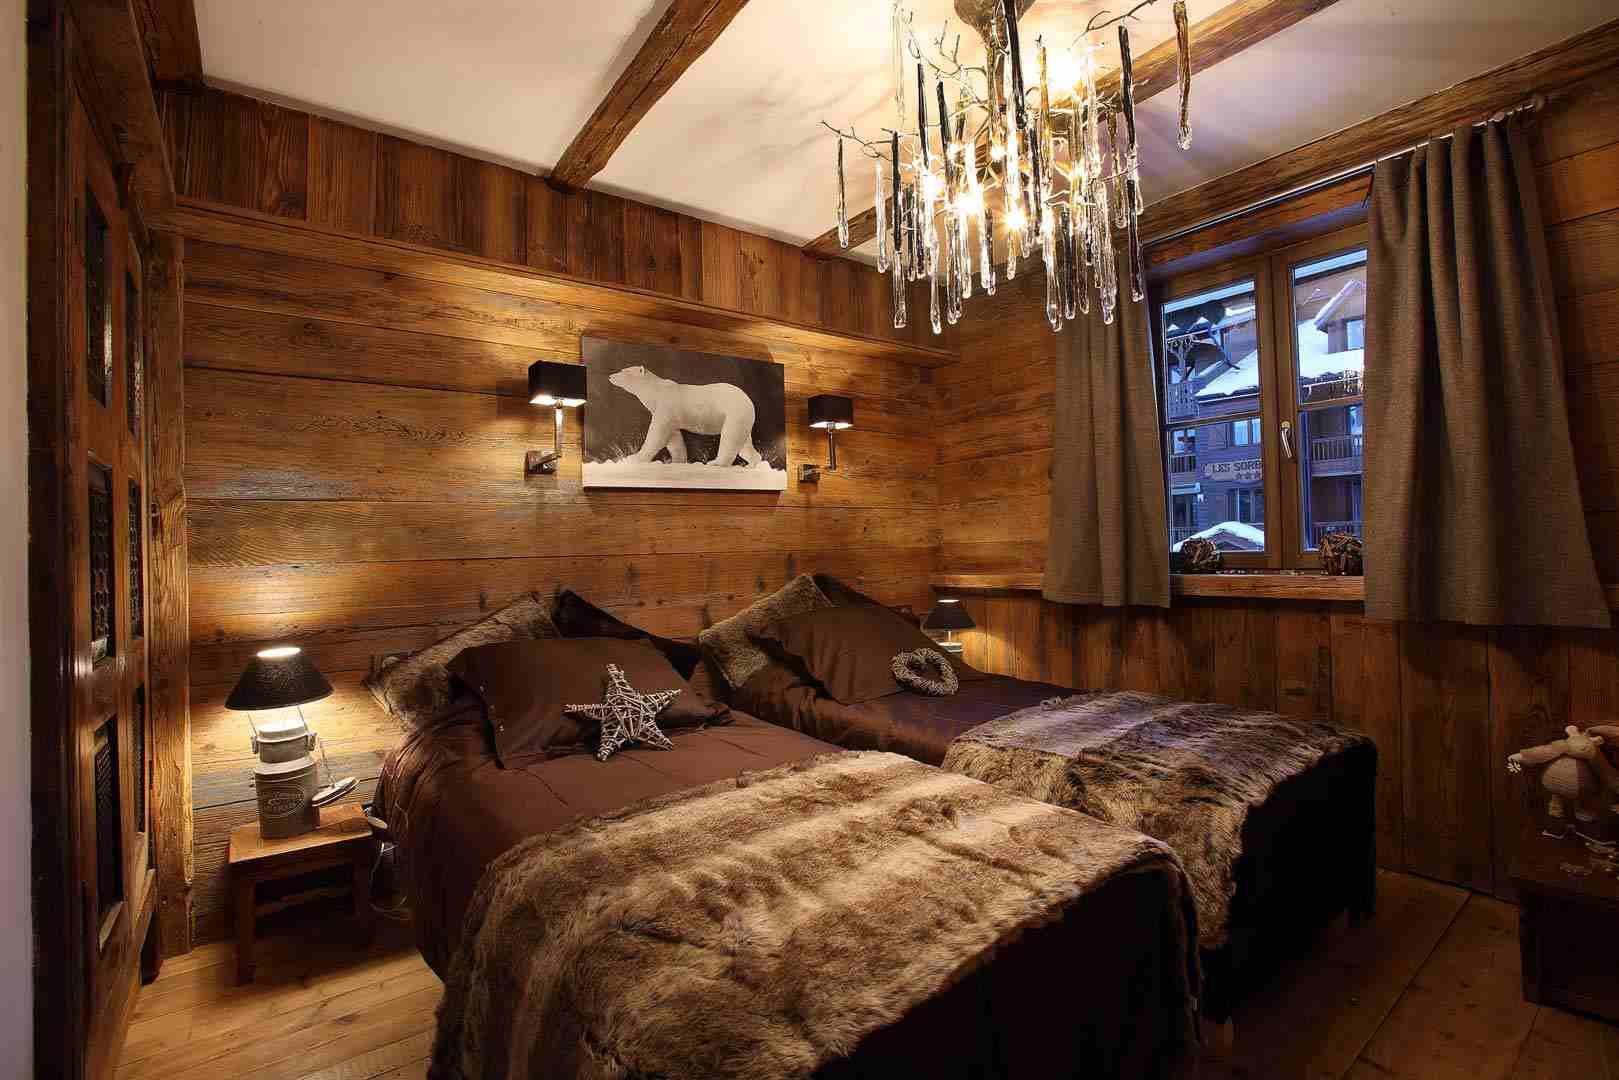 decoration mur interieur bois